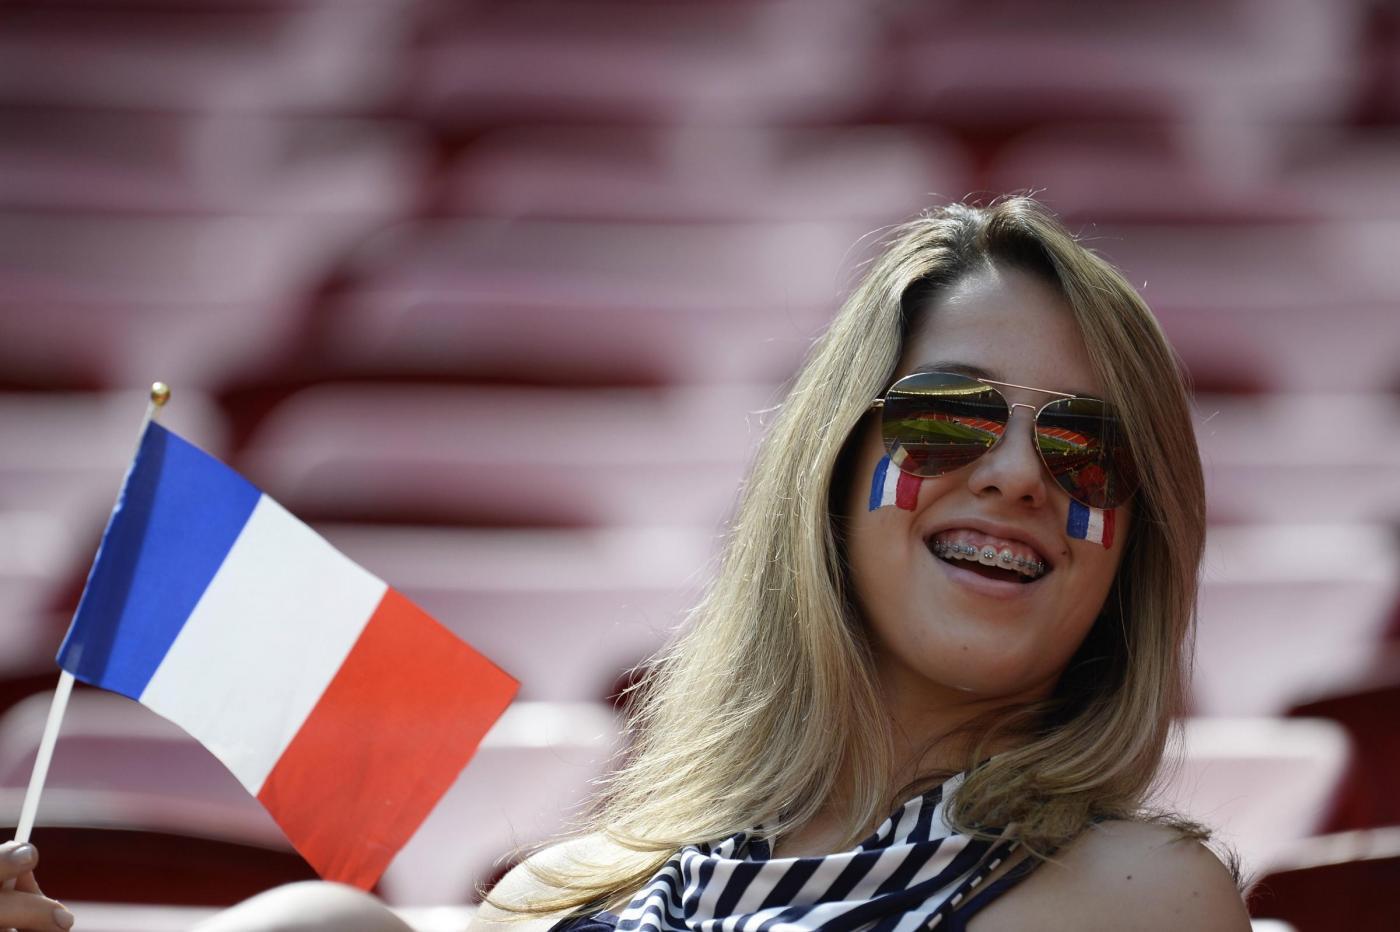 Qualificazioni Euro U.17 29 marzo: si giocano 4 gare di qualificazione alla fase finale dell'Europeo di categoria. Chi andrà avanti?